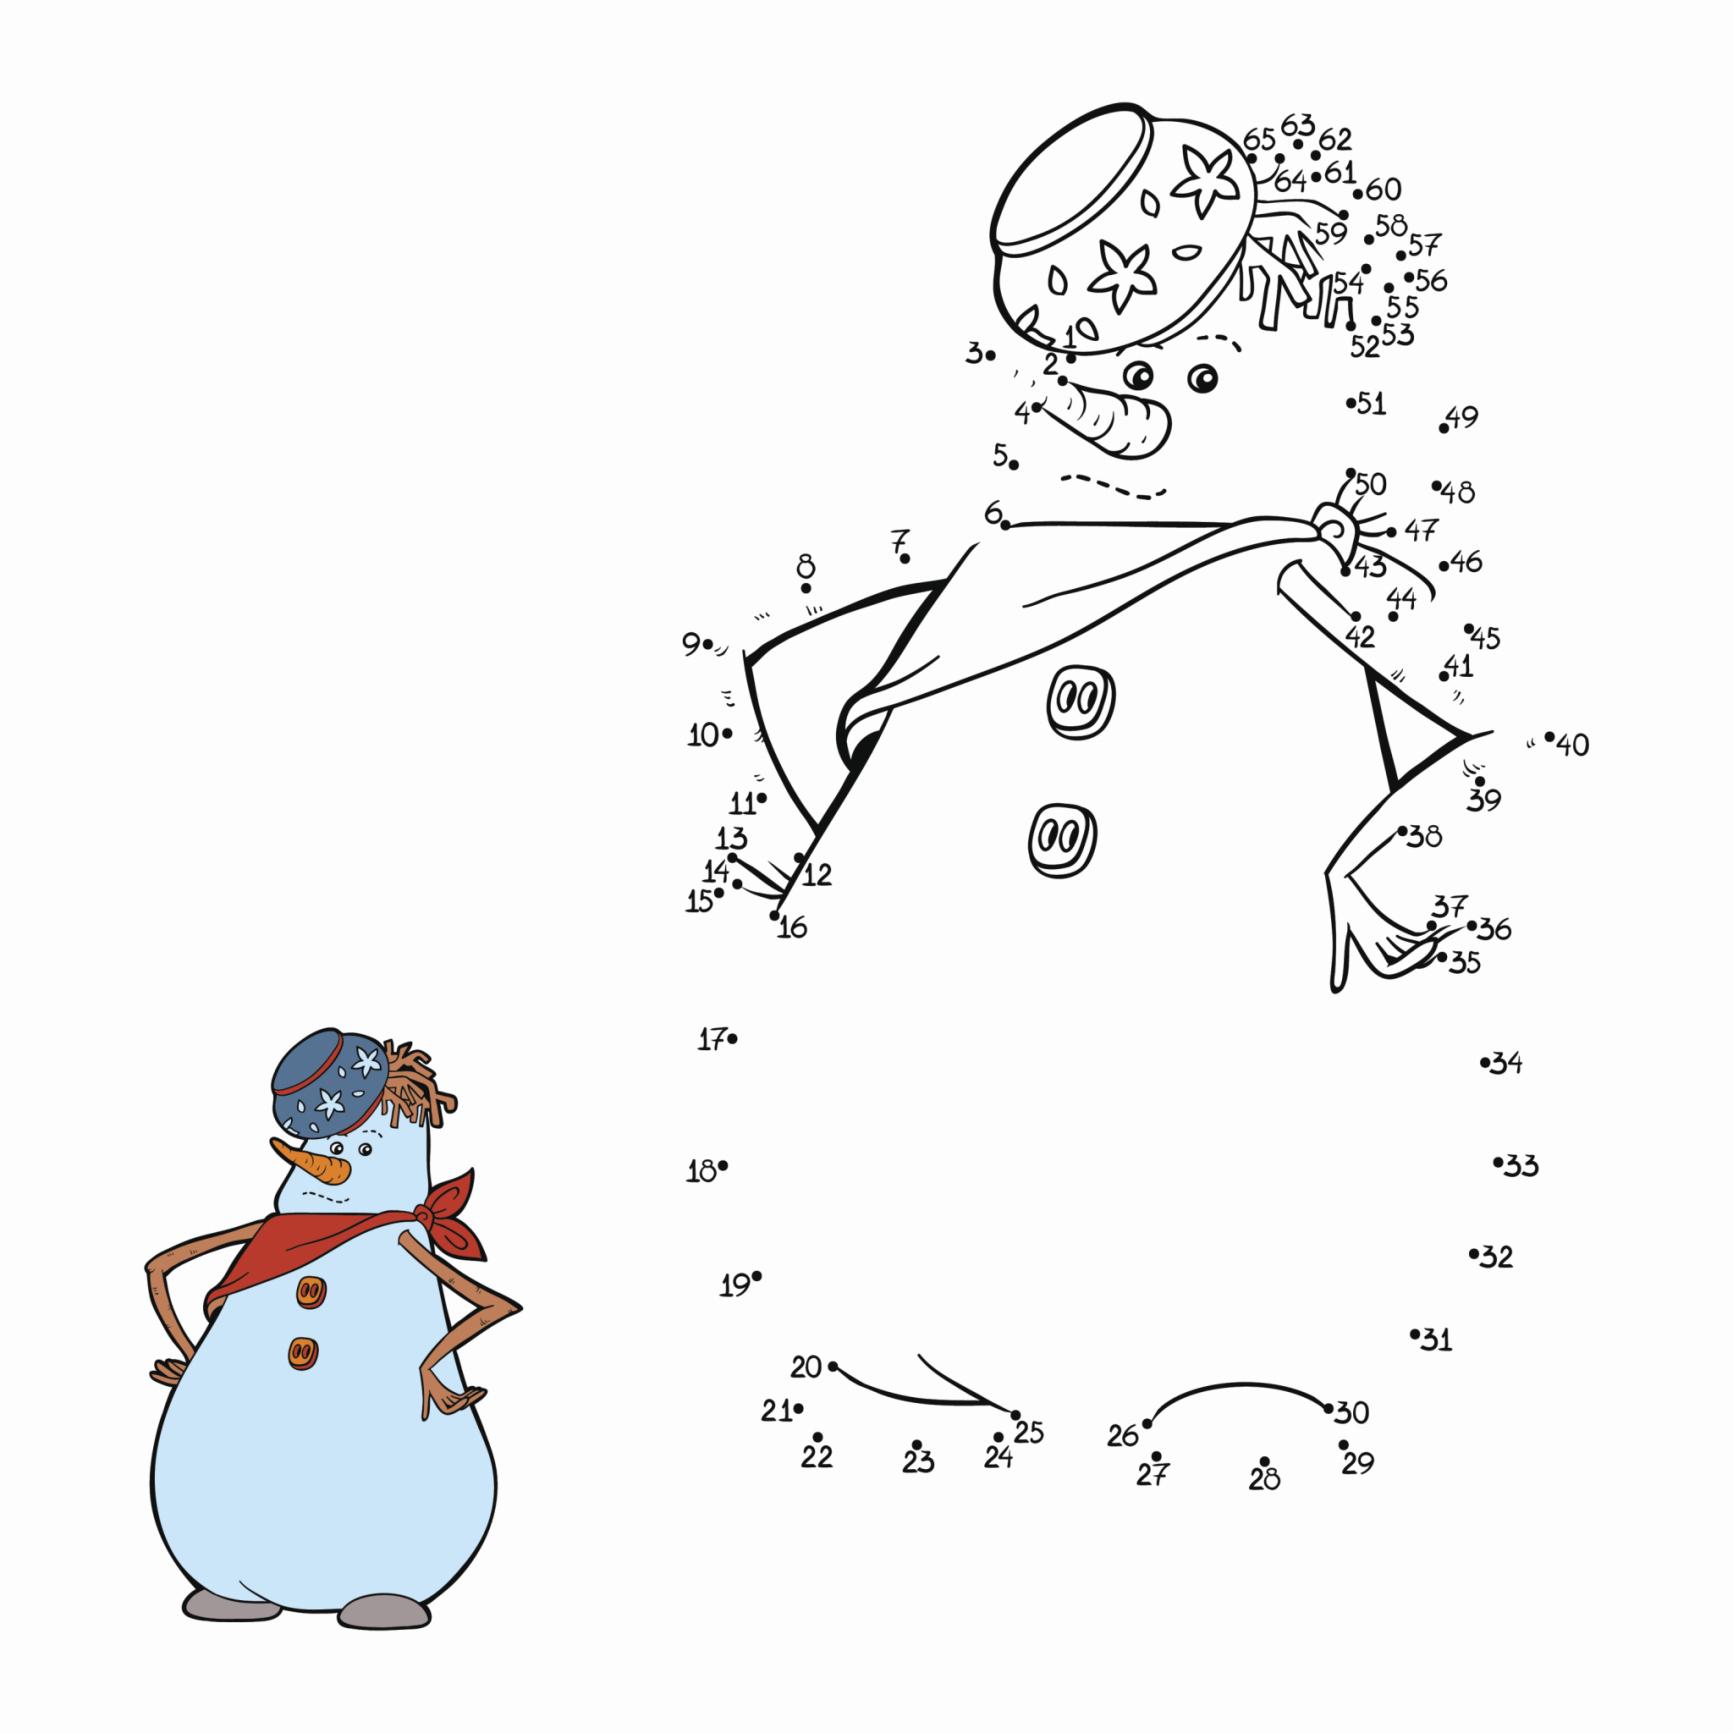 Point À Relier : Nos Modèles De Noël À Imprimer ! - Famili.fr pour Dessin A Relier